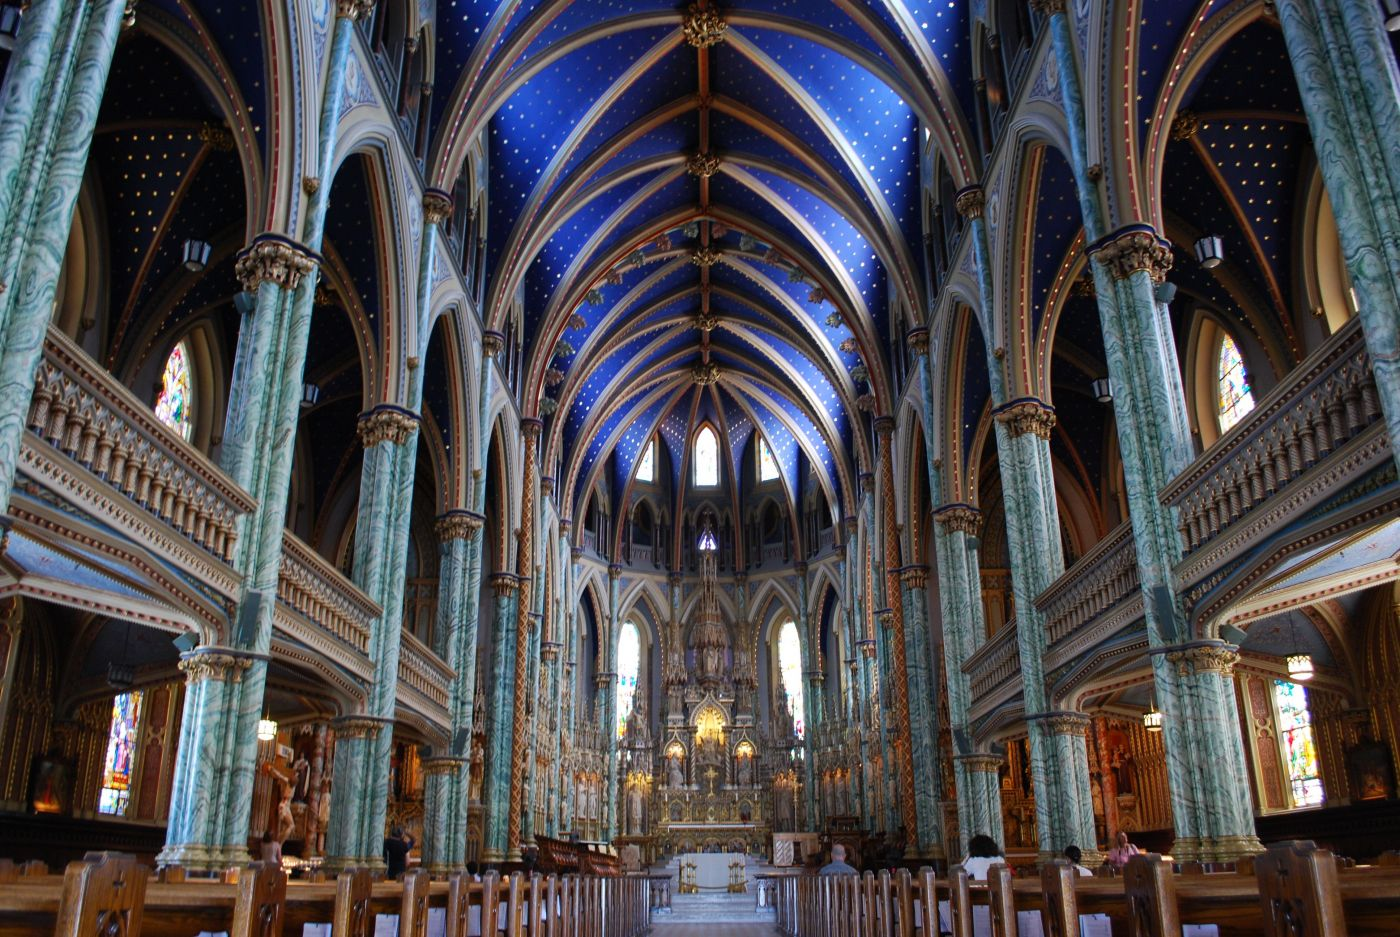 Photographie en couleur de l'intérieur d'une église de style néogothique. Des colonnes de marbre vert et blanc bordent la nef de chaque côté. Le plafond voûté est peint en bleu. Le sanctuaire est richement sculpté.